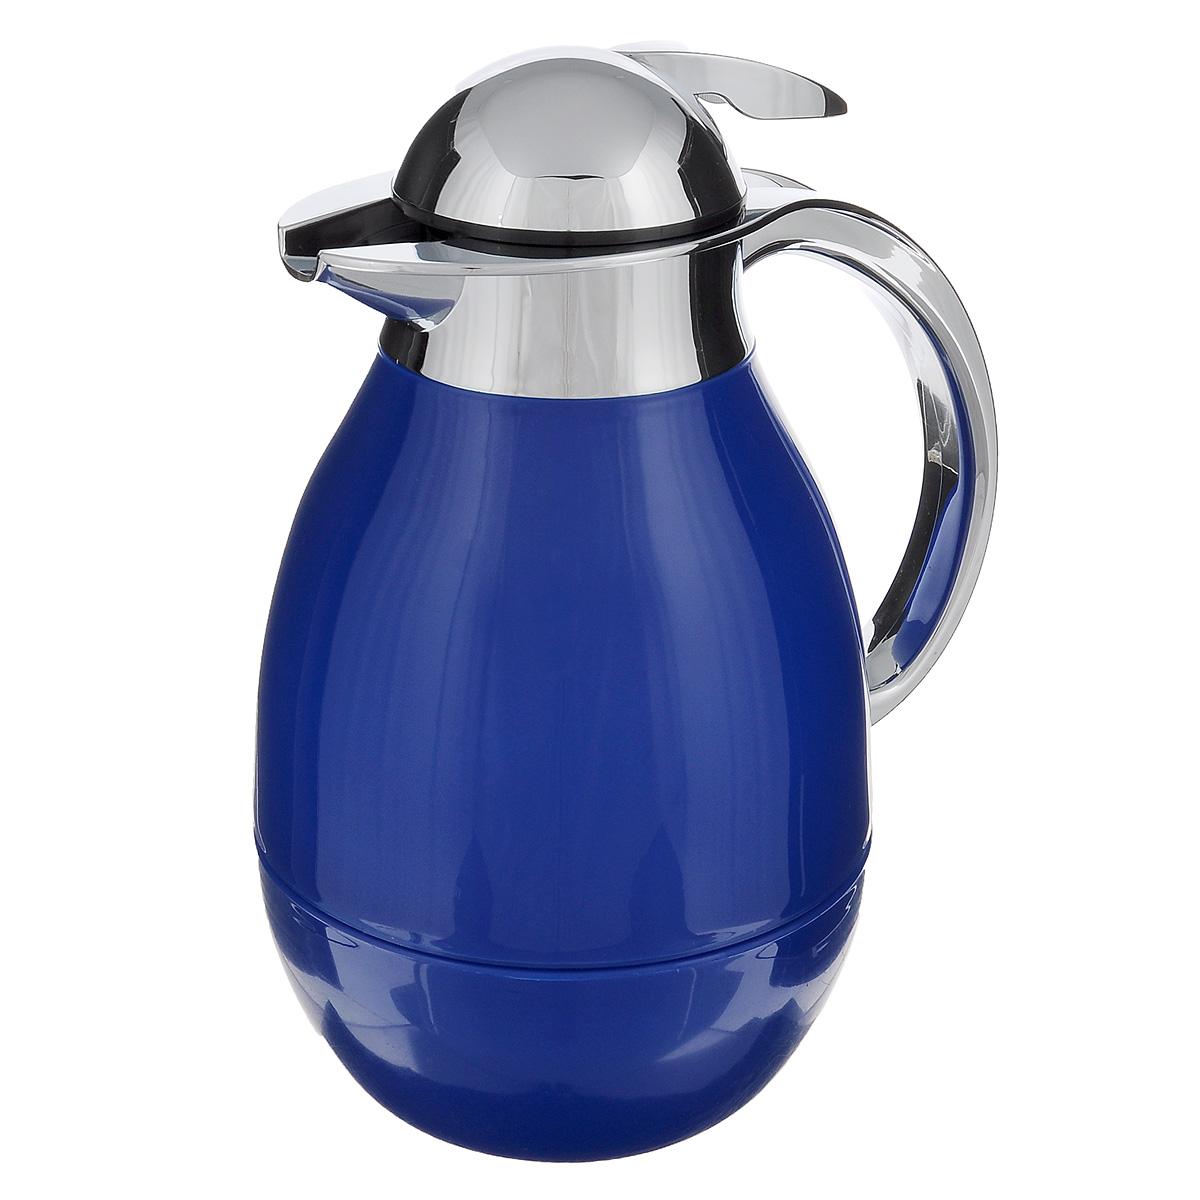 Tермос BergHOFF Cook&Co, цвет: голубой, 1 л2801512Термос BergHOFF Cook&Co сохранит любимые напитки горячими в течение долгого времени. Корпус термоса выполнен из пластика, а колба - из стекла. Термос снабжен крышкой с дозатором, что позволяет выливать жидкость, не отвинчивая крышки. Корпус термоса оснащен удобным носиком, а с эргономичной ручкой вам будет удобно держать термос в руке. Высота: 25,5 см. Диаметр основания: 10 см.